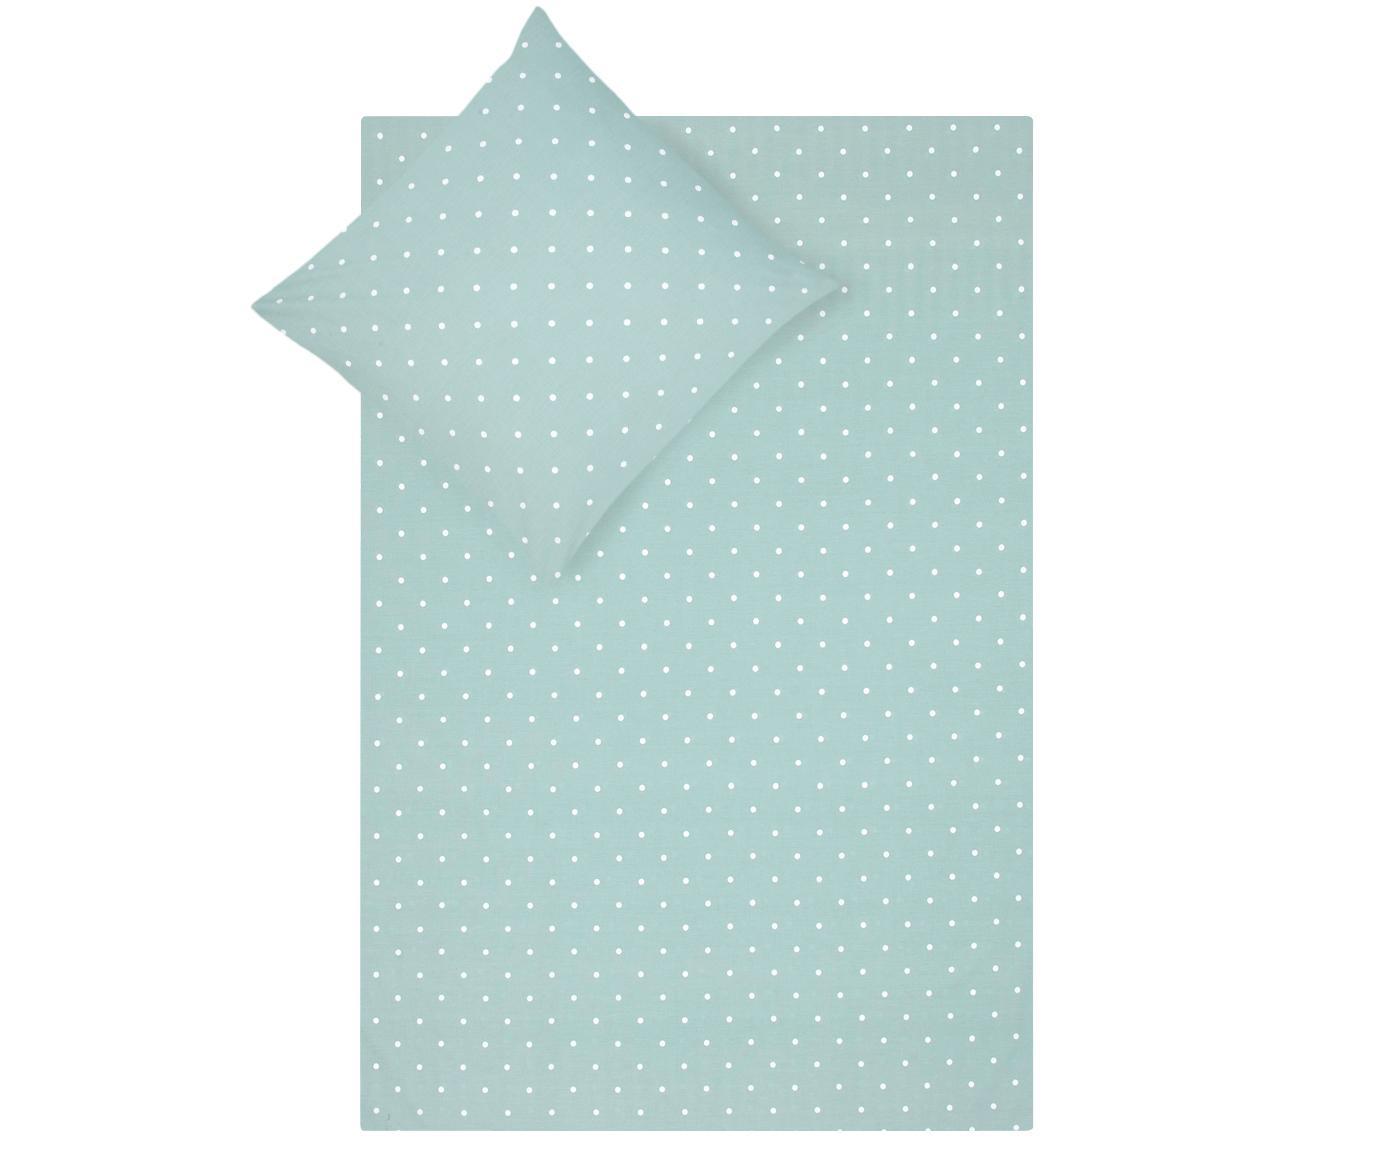 Gepunktete Baumwoll-Bettwäsche Dotty in Grün/Weiß, Webart: Renforcé Fadendichte 144 , Salbeigrün, Weiß, 240 x 220 cm + 2 Kissen 80 x 80 cm